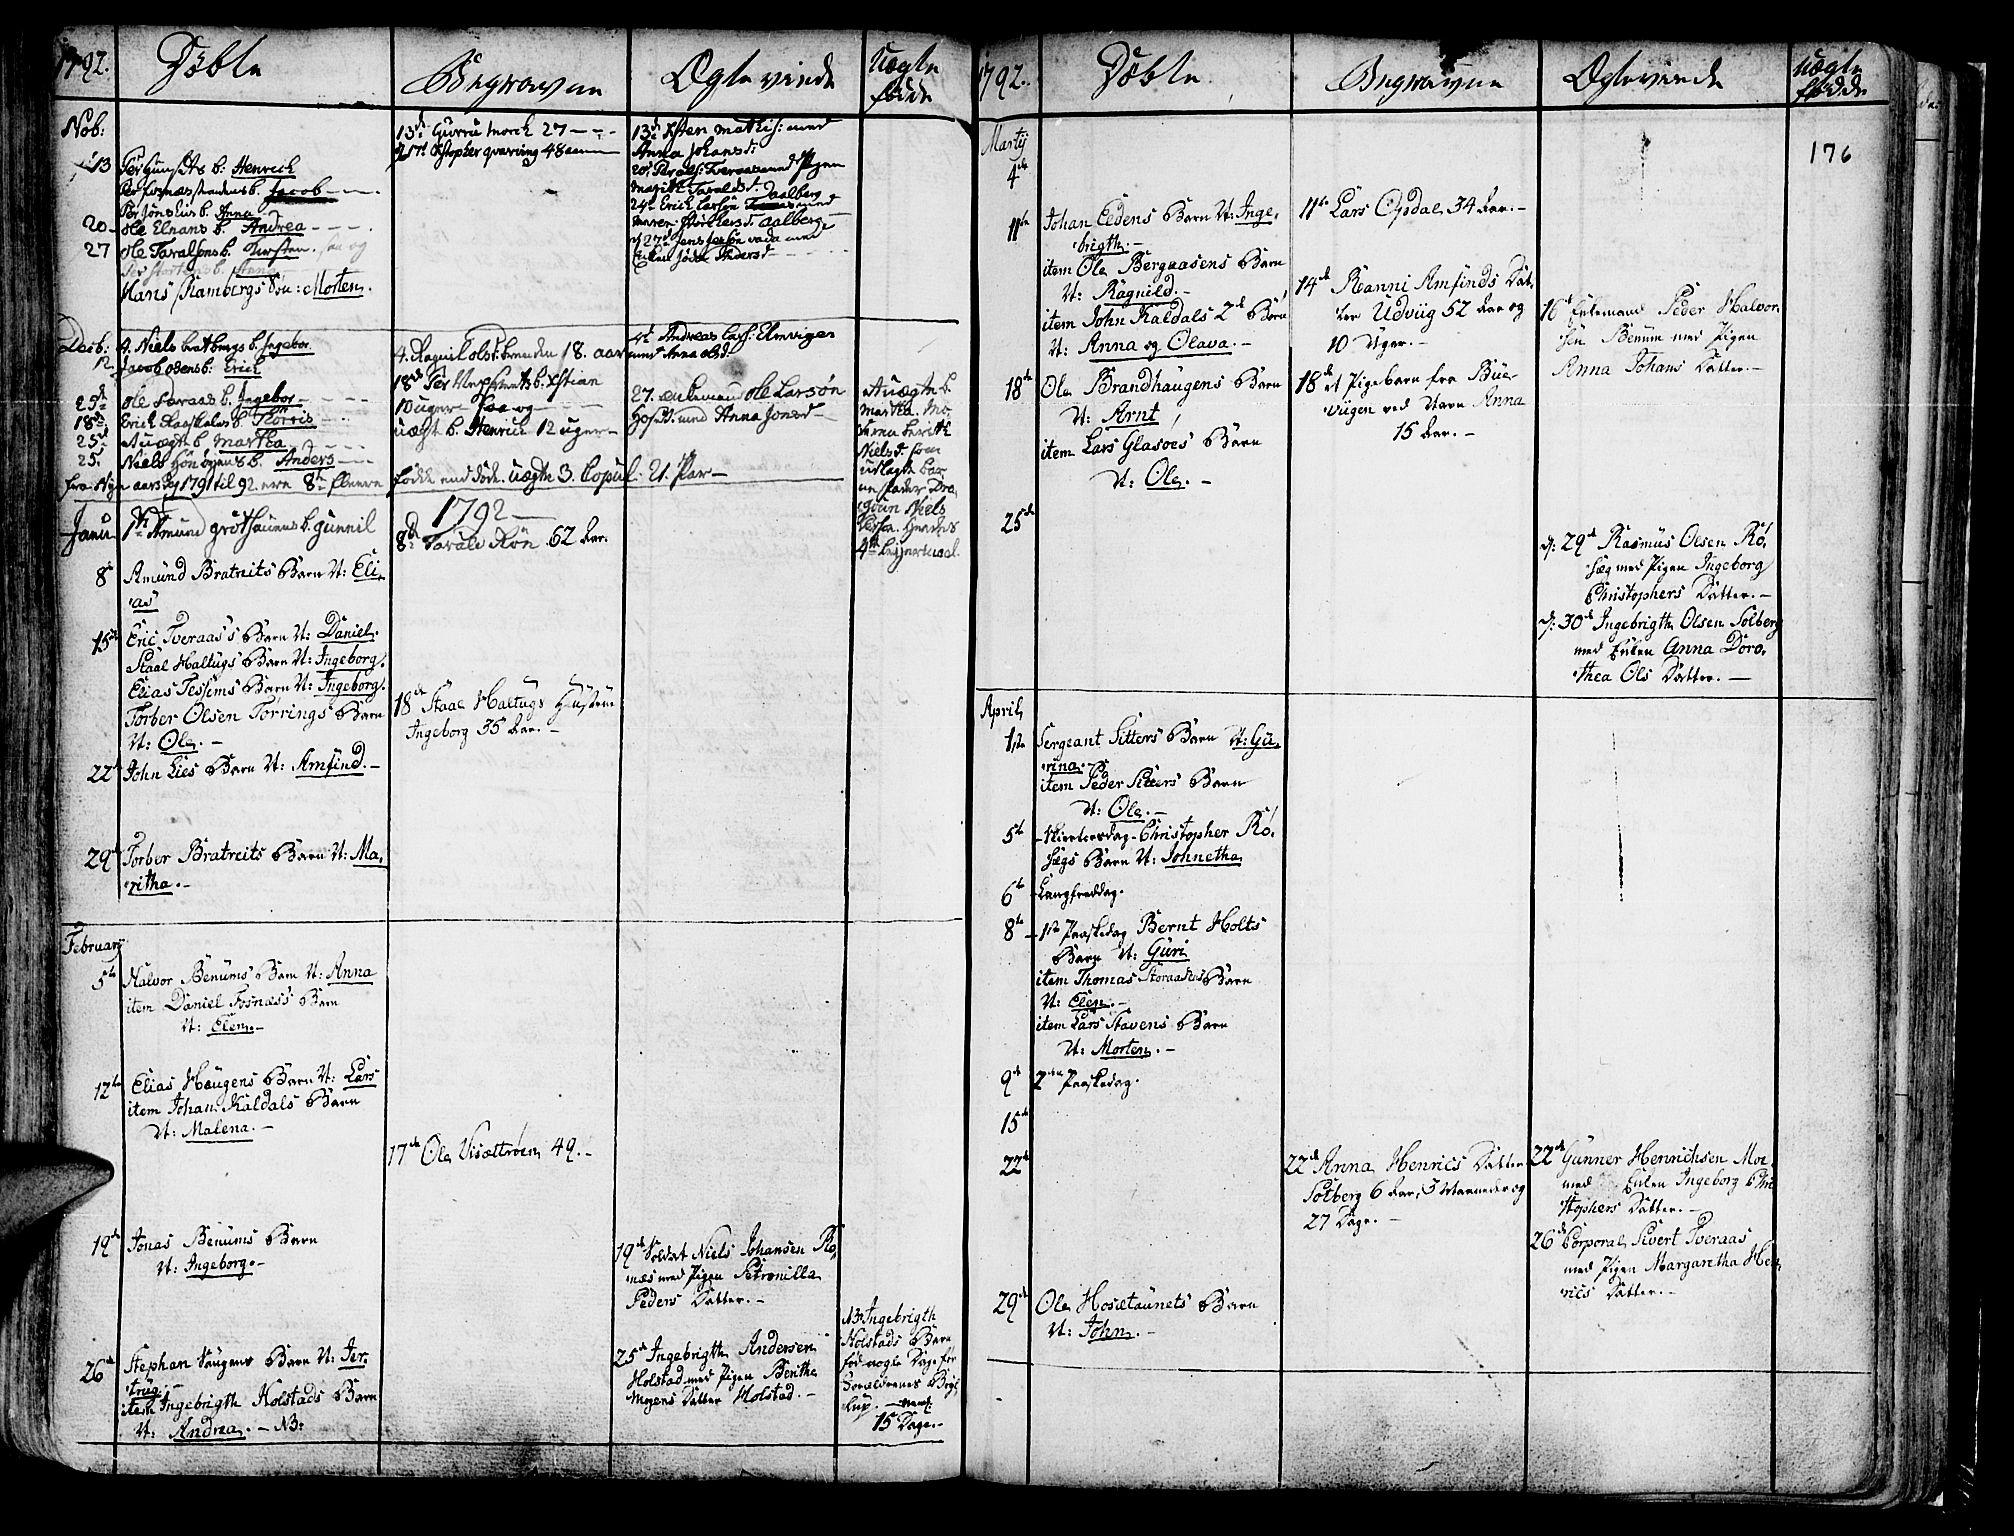 SAT, Ministerialprotokoller, klokkerbøker og fødselsregistre - Nord-Trøndelag, 741/L0385: Ministerialbok nr. 741A01, 1722-1815, s. 176